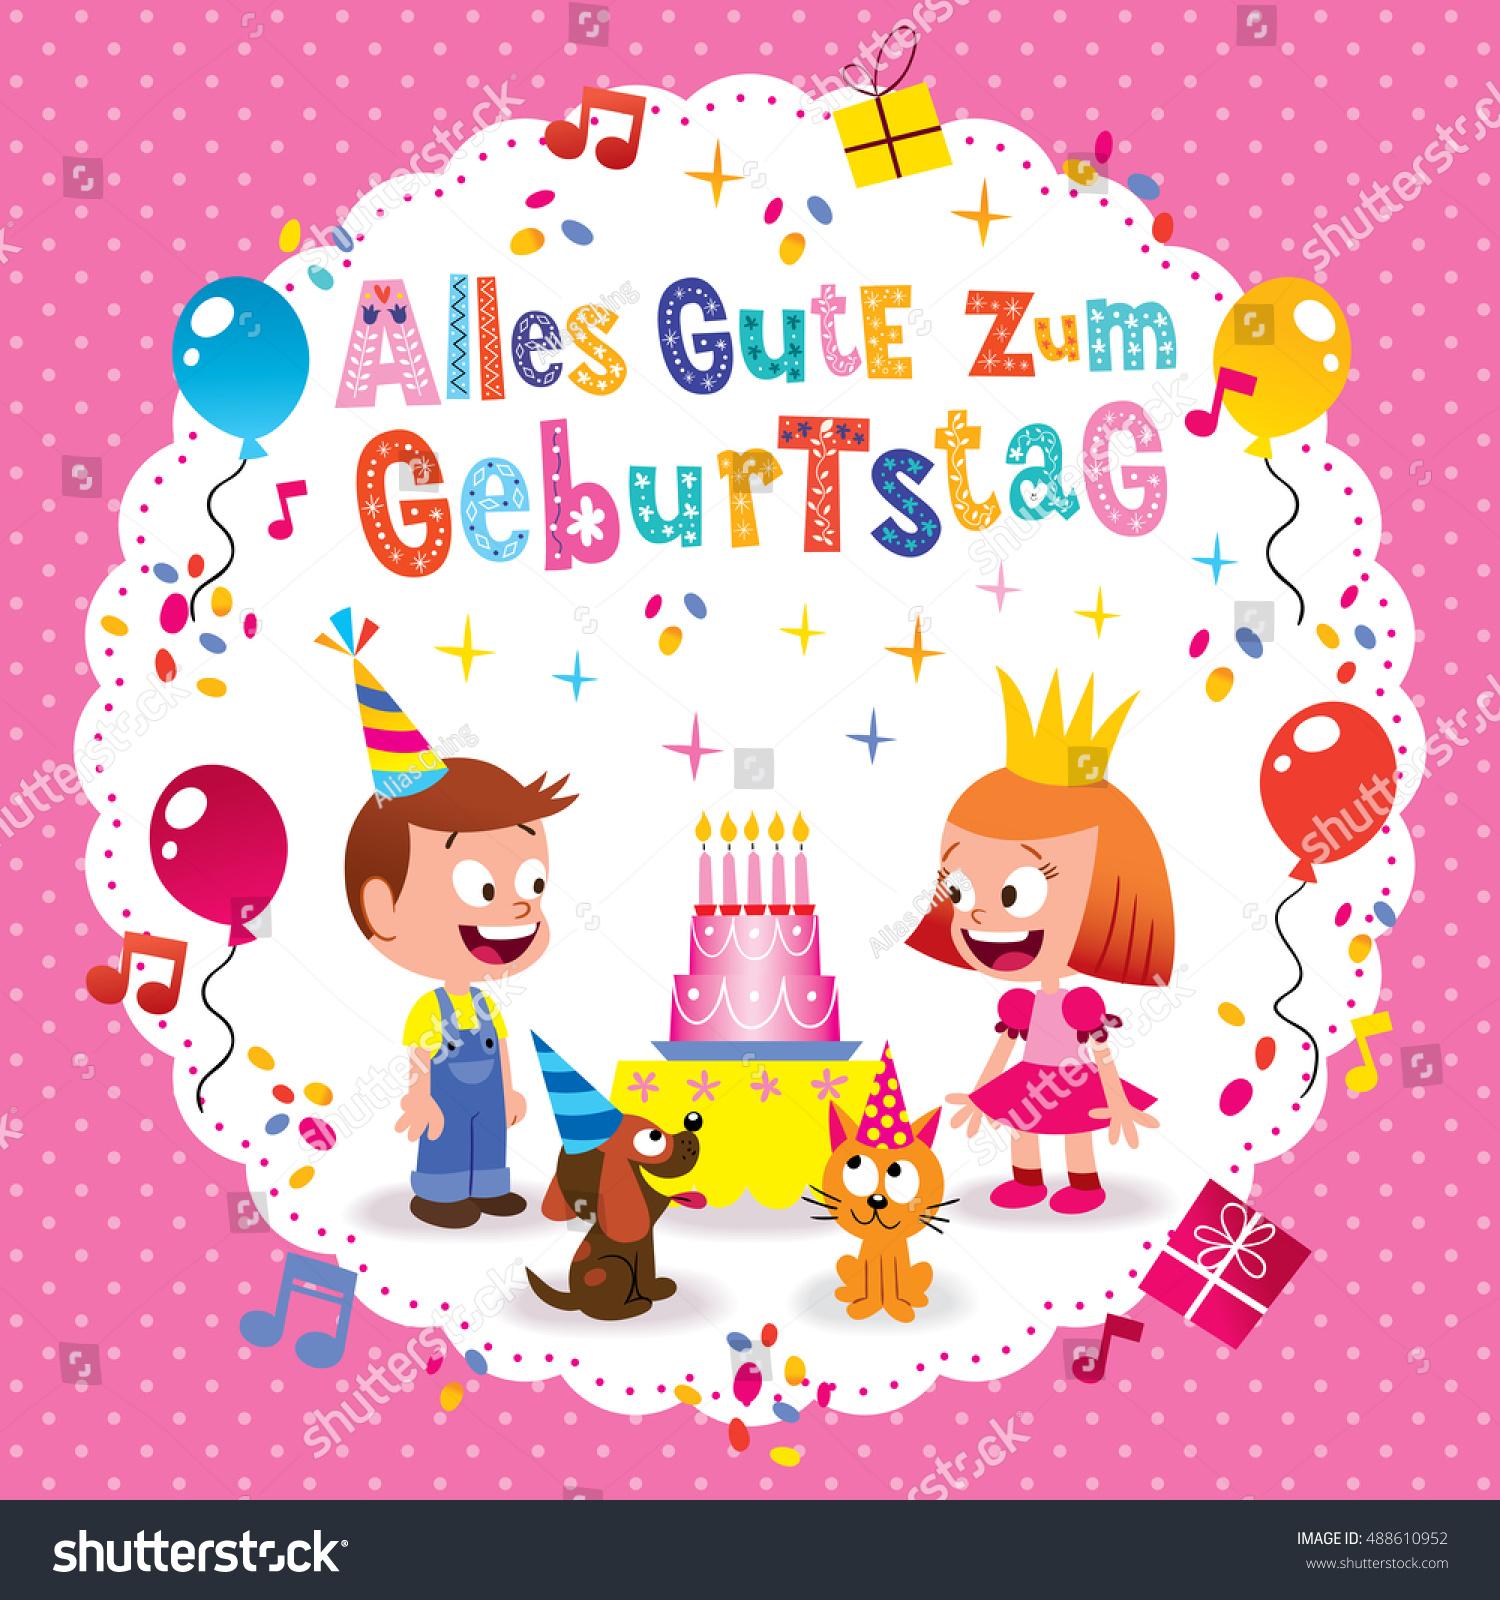 Alles gute zum geburtstag deutsch german stock vector royalty free alles gute zum geburtstag deutsch german happy birthday greeting card with little boy and girl puppy m4hsunfo